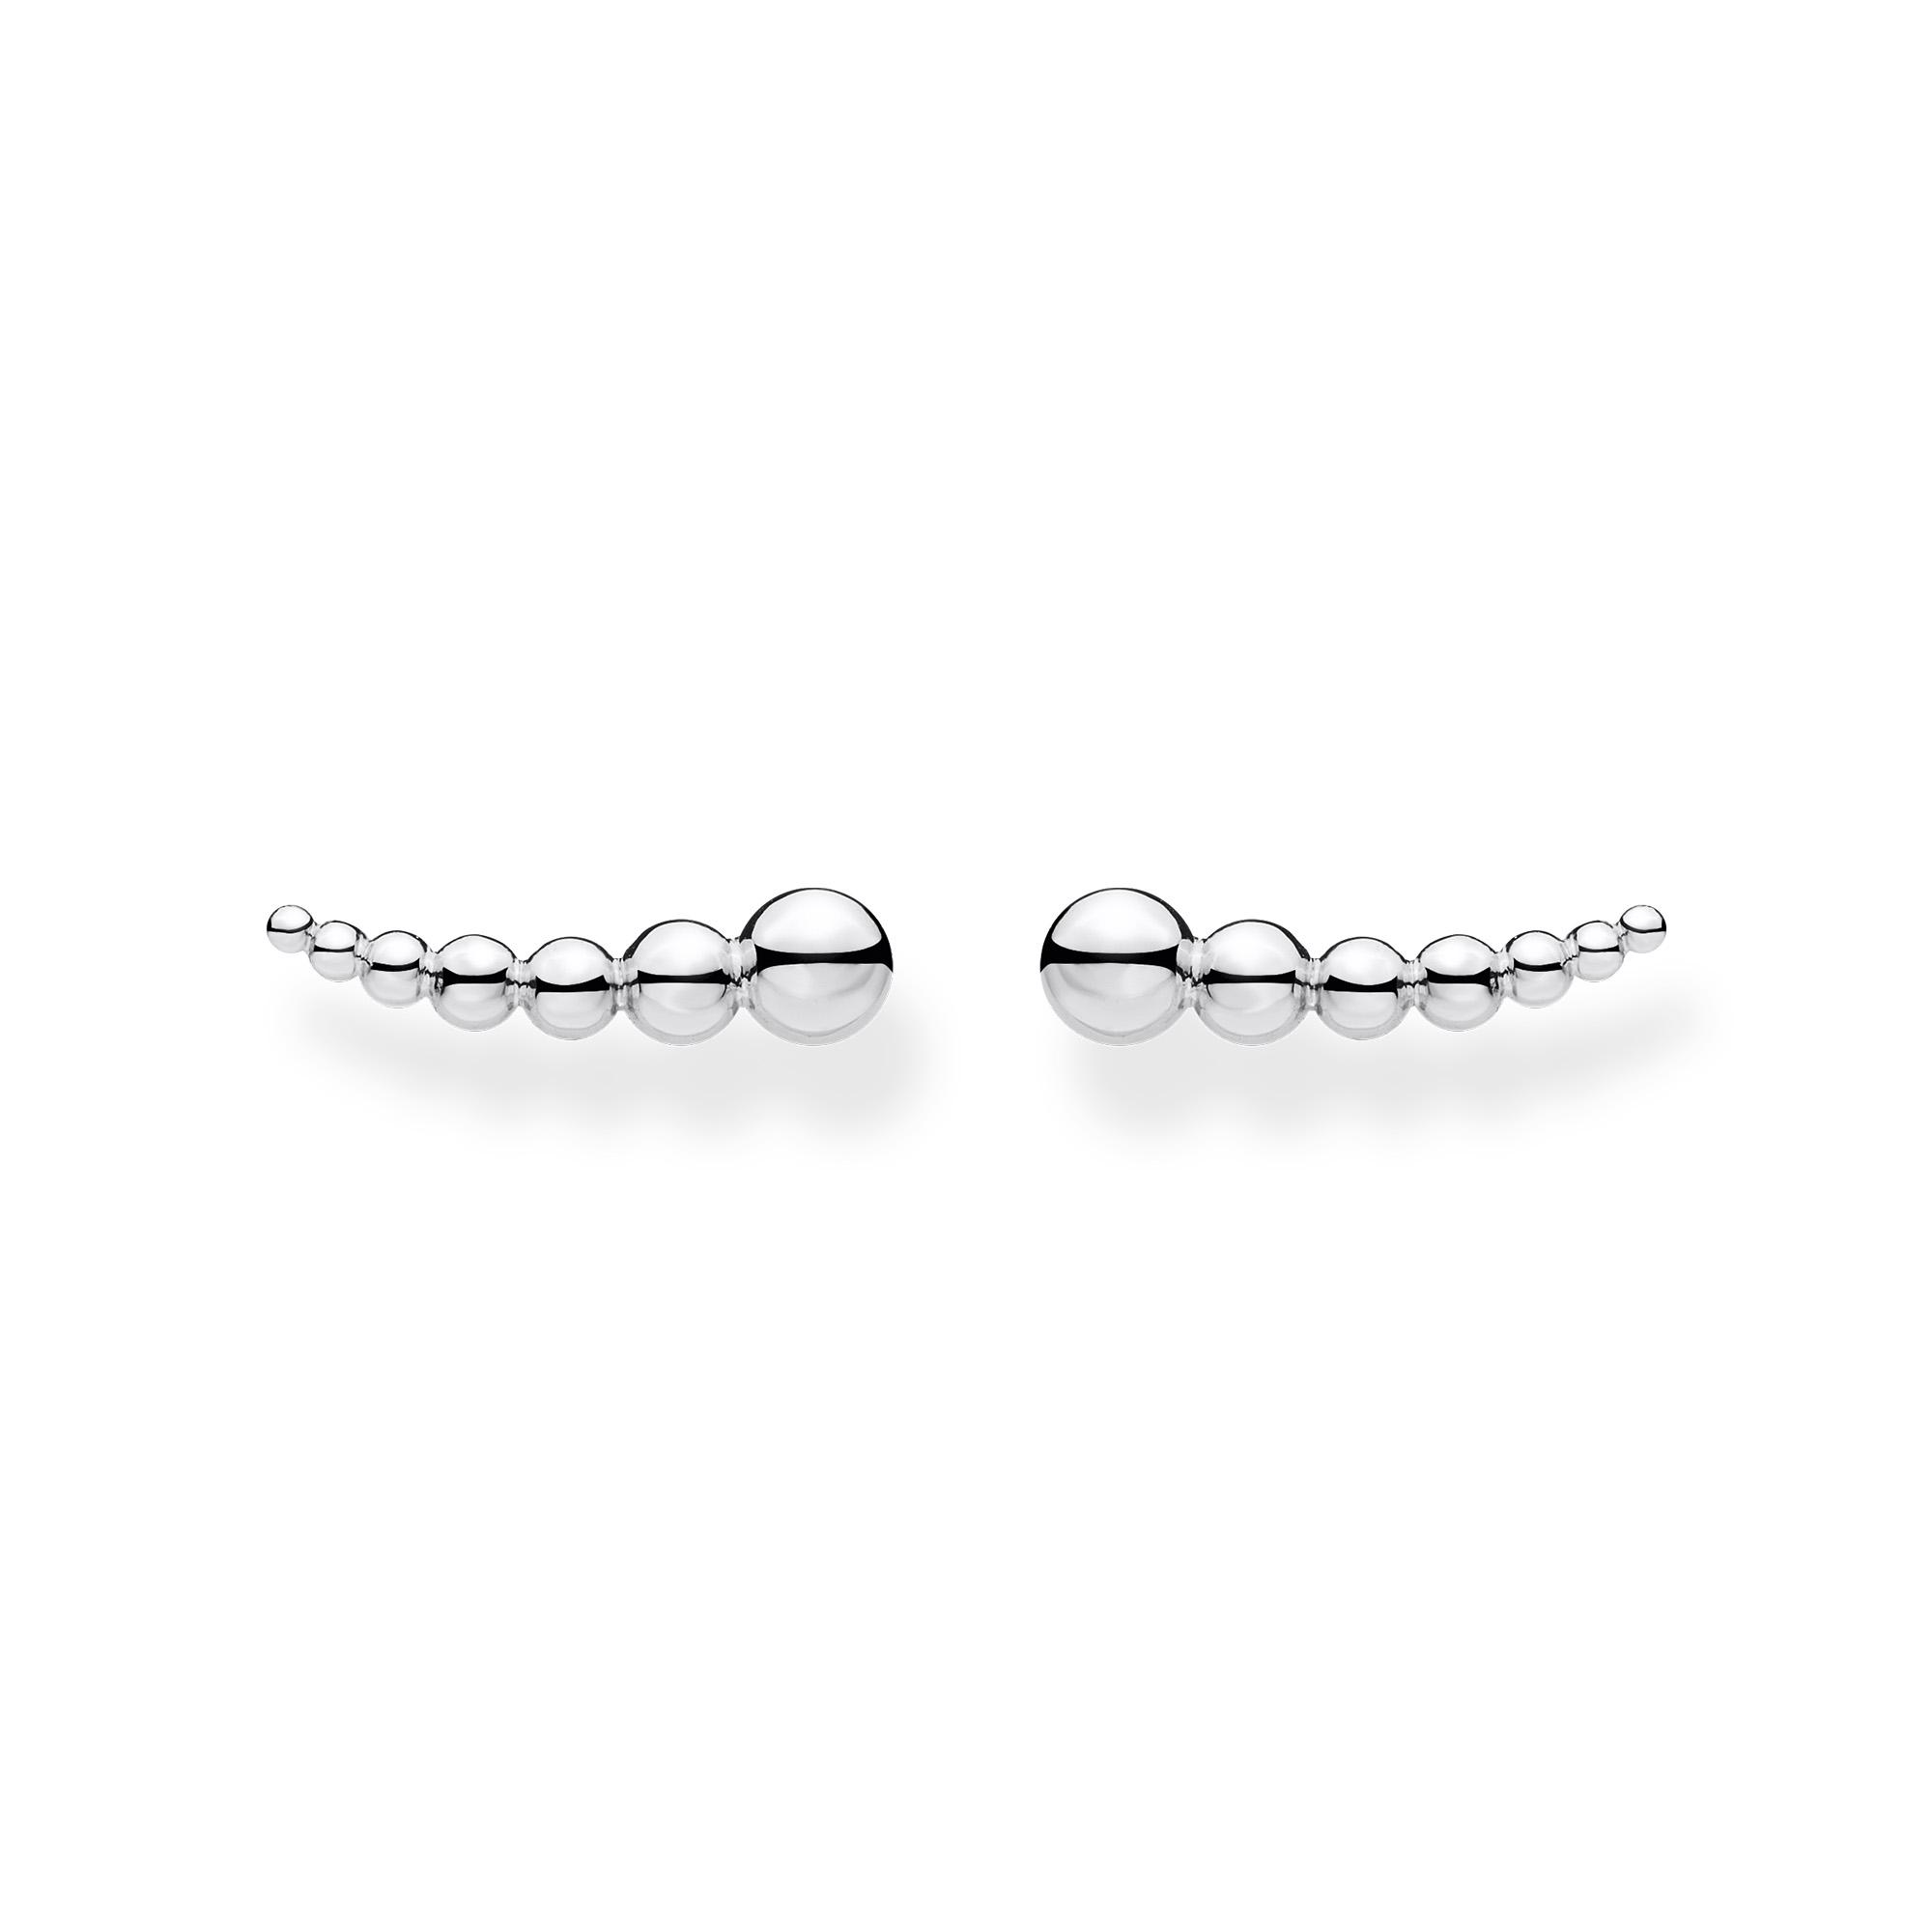 Boucles d'oreilles grimpante perles argent, Thomas Sabo